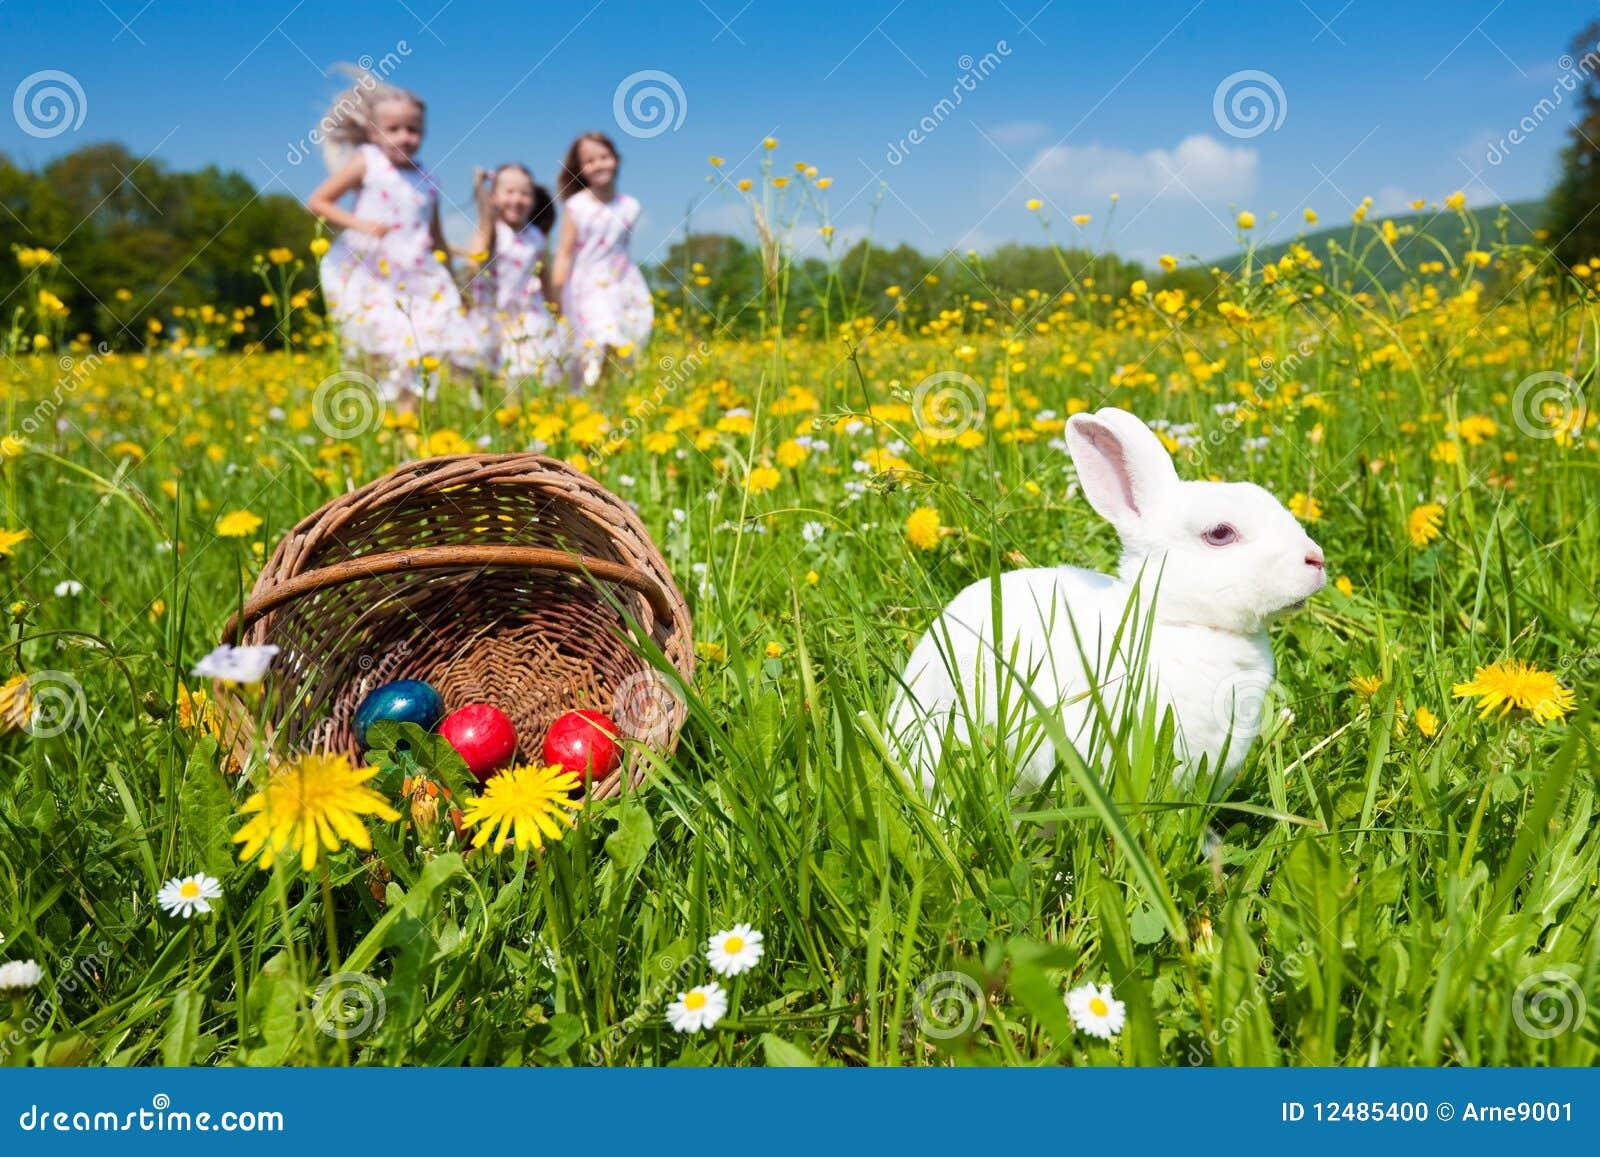 Conejito de pascua que mira el huevo buscar